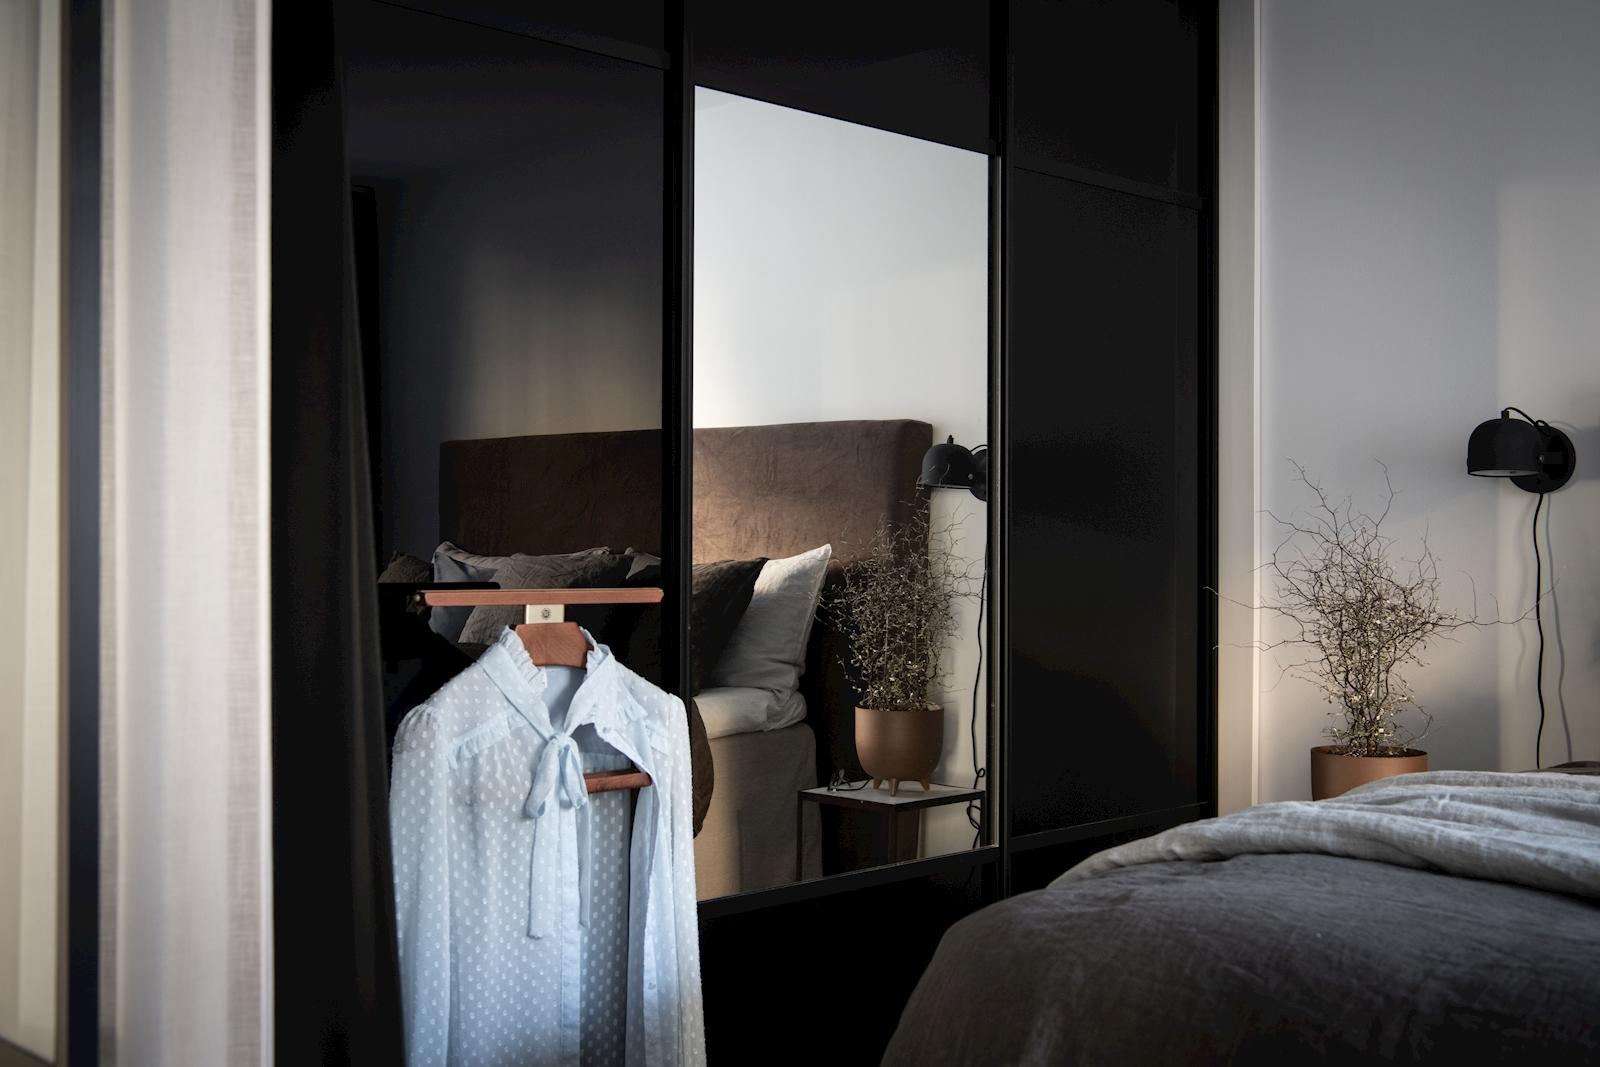 квартира 52 квм спальня С гардеробной шкаф